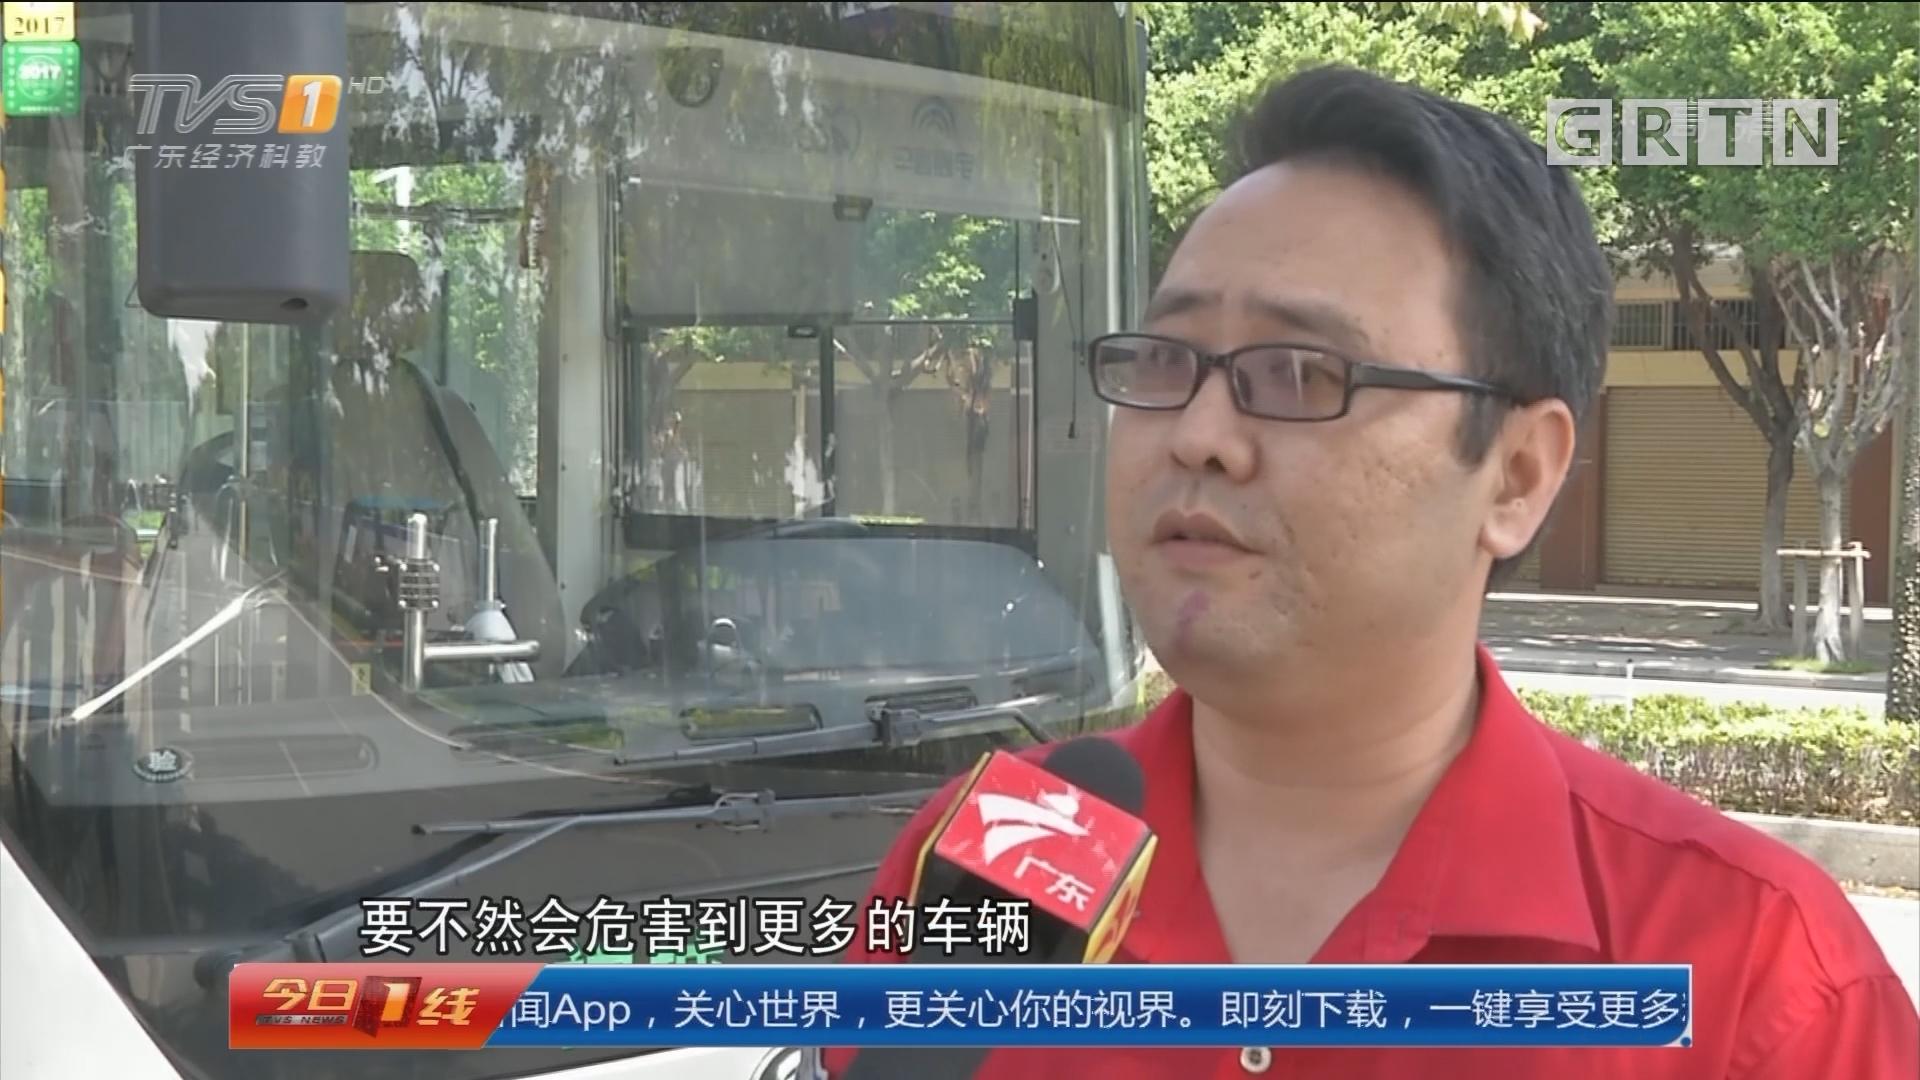 佛山禅城:货车冒浓烟 过路公交司机出手灭火